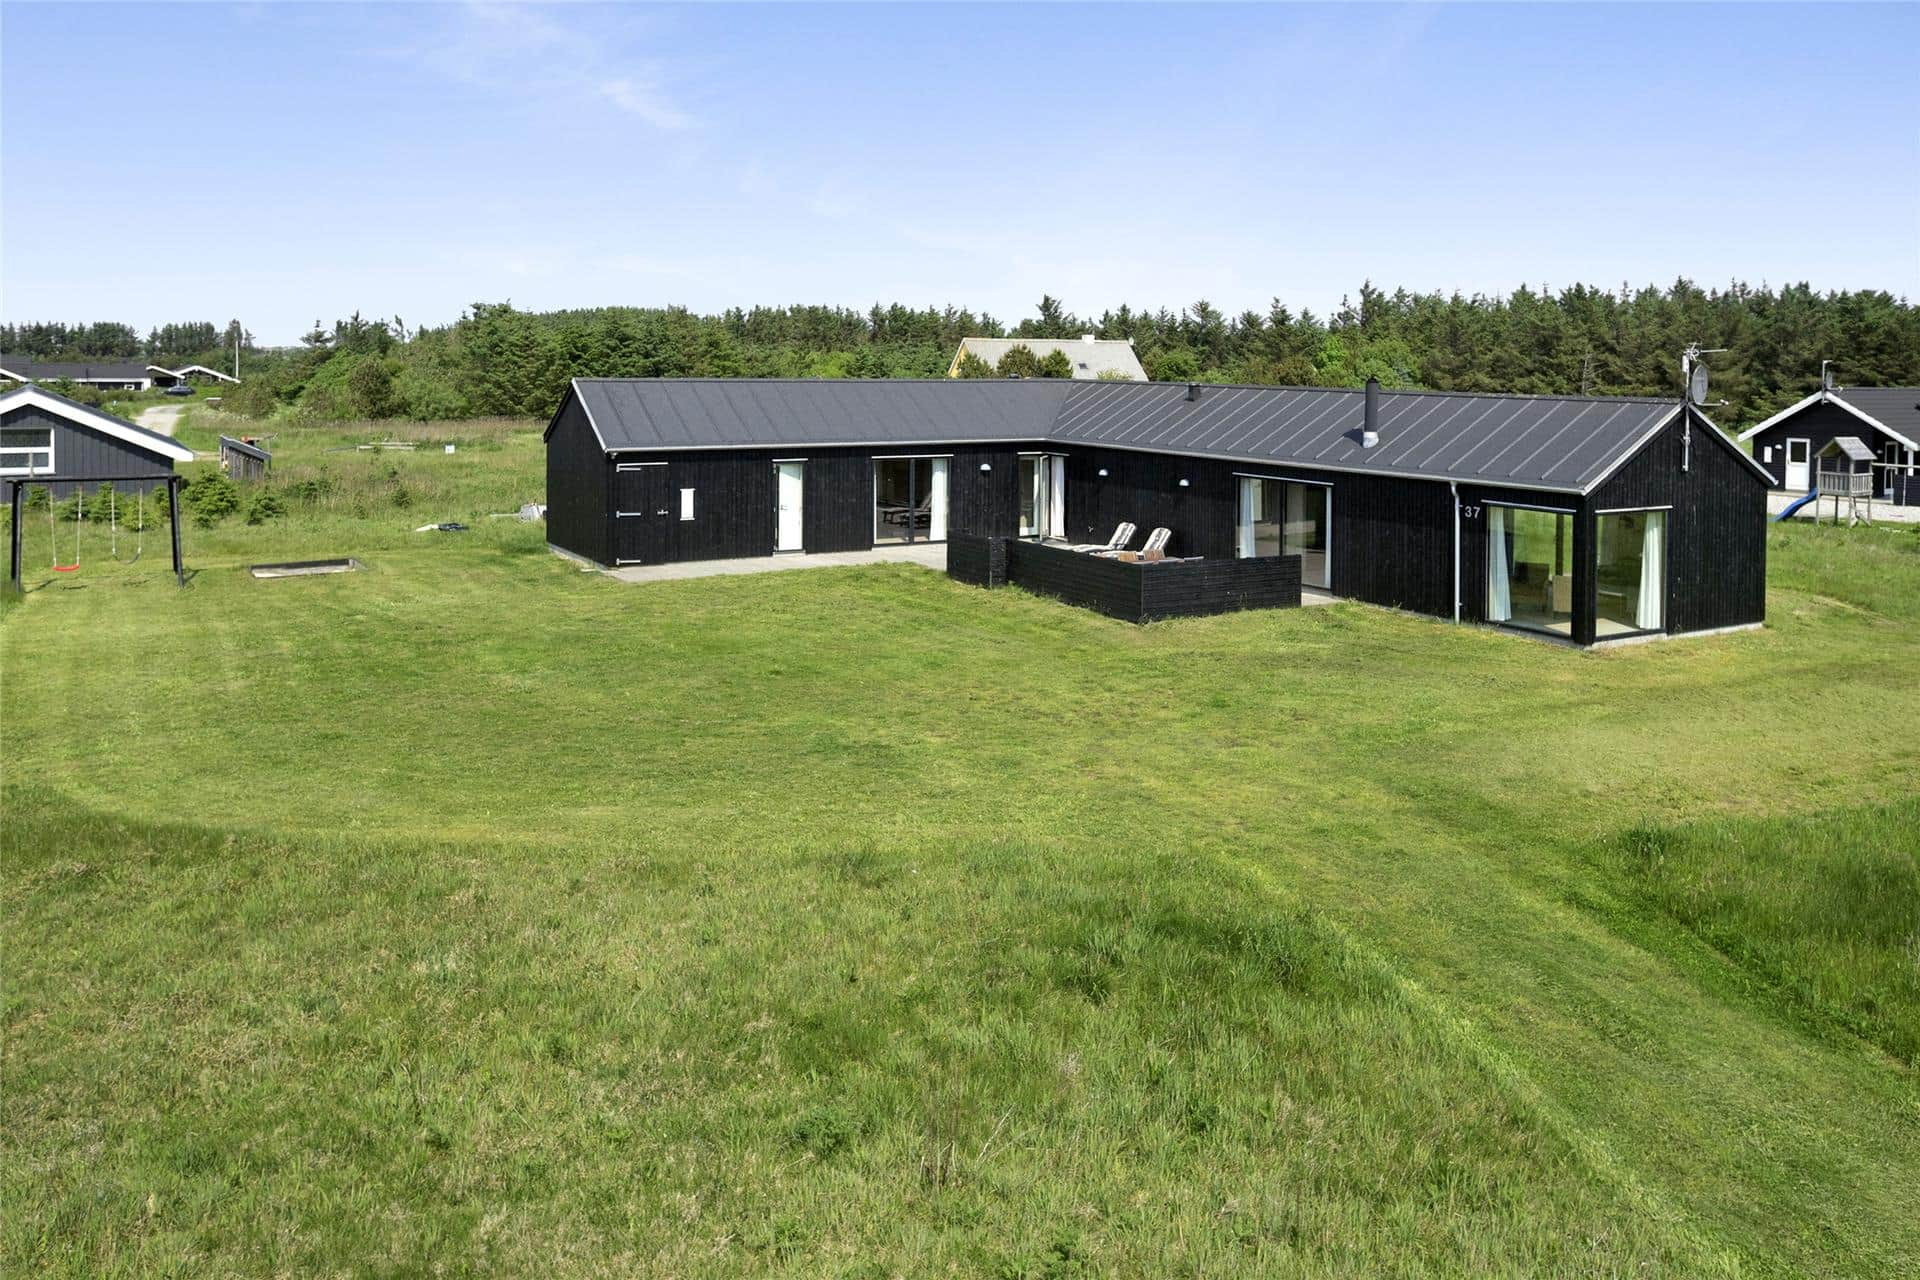 Afbeelding 1-14 Vakantiehuis 1101, Alexandravej 37, DK - 9480 Løkken